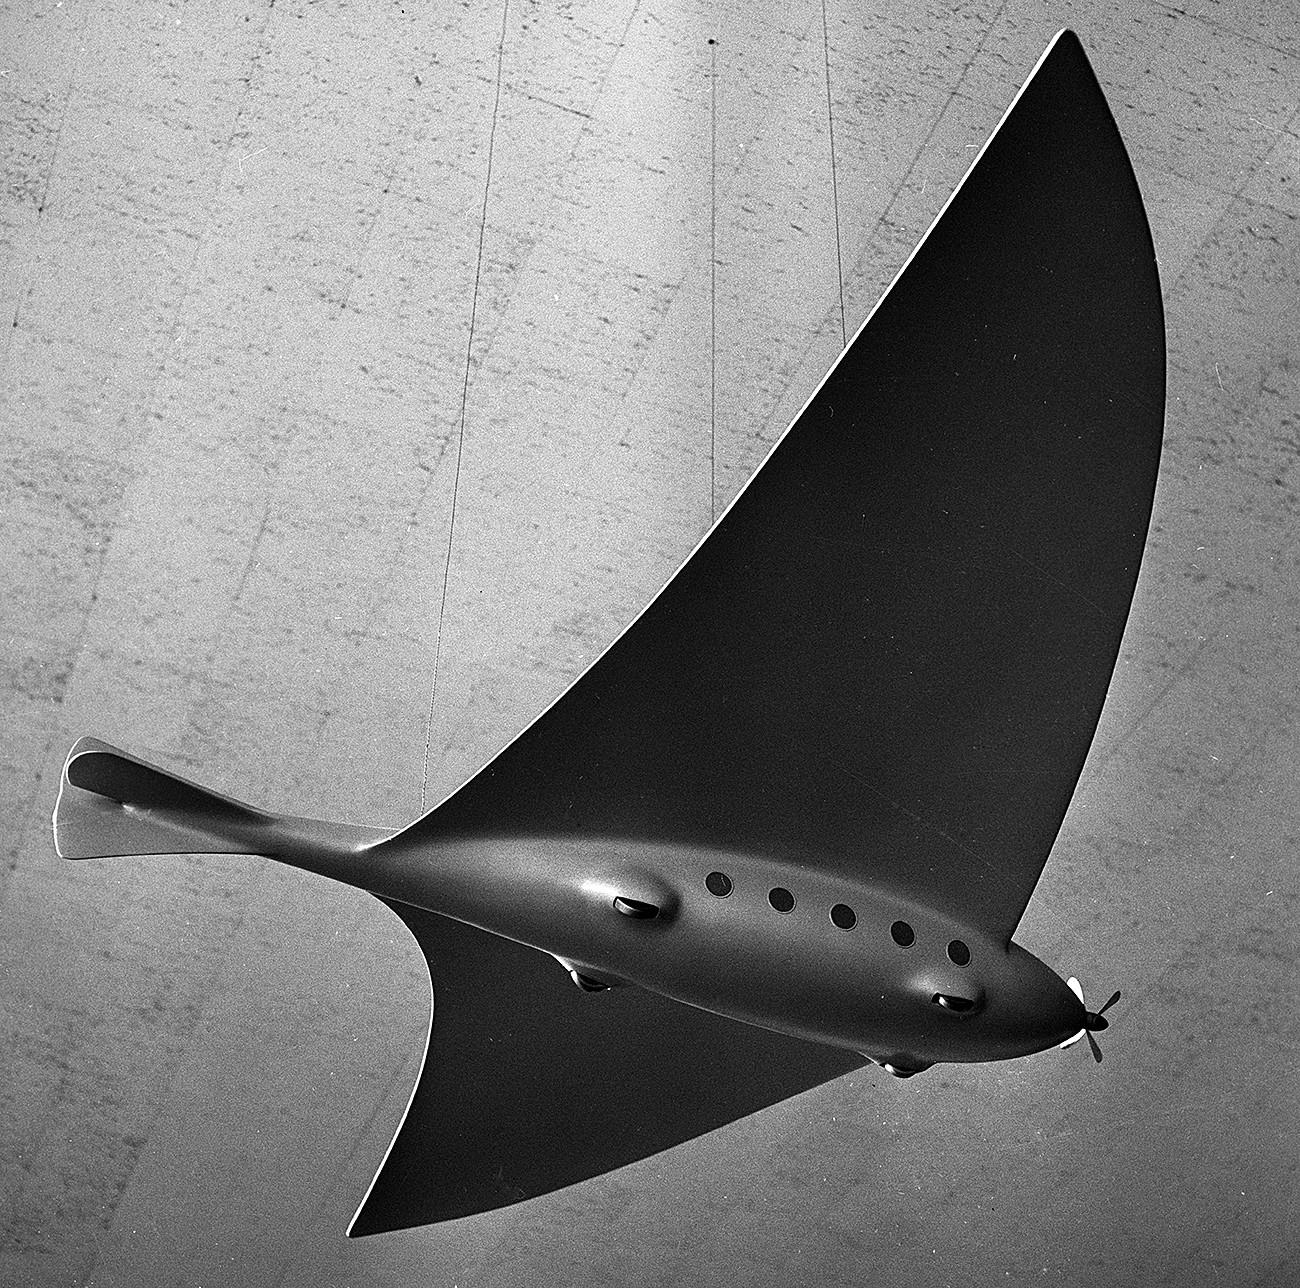 Model letala po skicah Konstantina Ciolkovskega iz leta 1895 v Državnem muzeju za zgodovino kozmonavtike Ciolkovskega v Kalugi